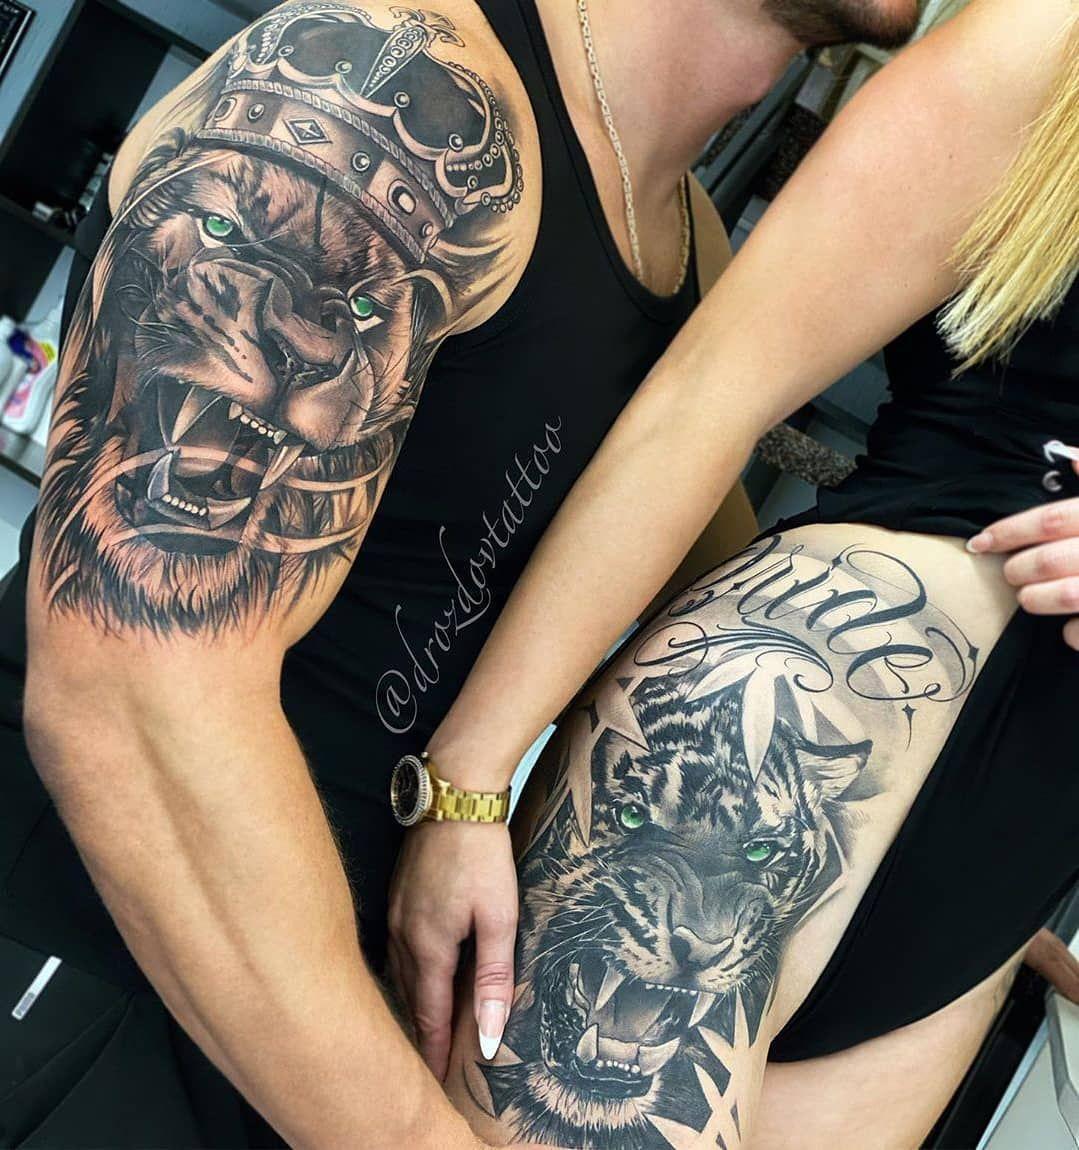 """@inkedtime_vk on Instagram: """"Artist: @drozdovtattoo  . . . #tattooworld #tattooartwork #tattoorealistic #tattoounity #tattooartists #tattooinkspiration #tatooaddict…"""""""